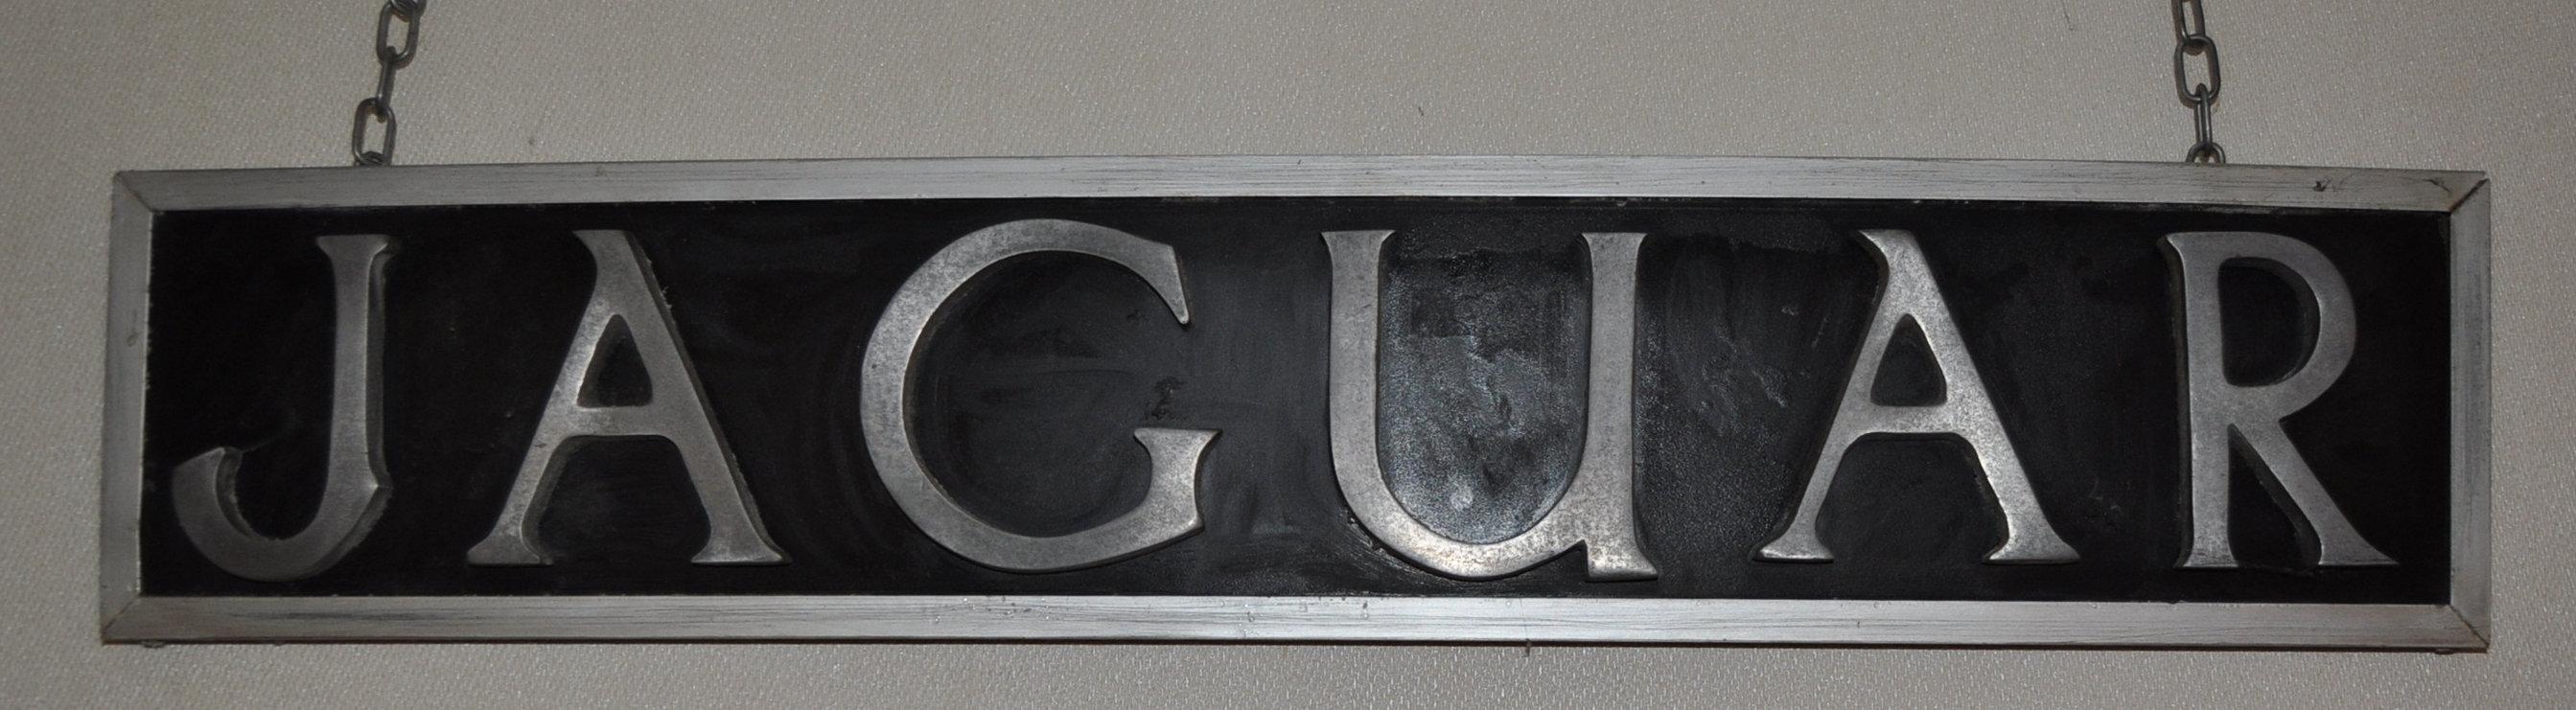 JAGUAR - RARE 1930S DEALERSHIP SHOWROOM ADVERTISING SIGN